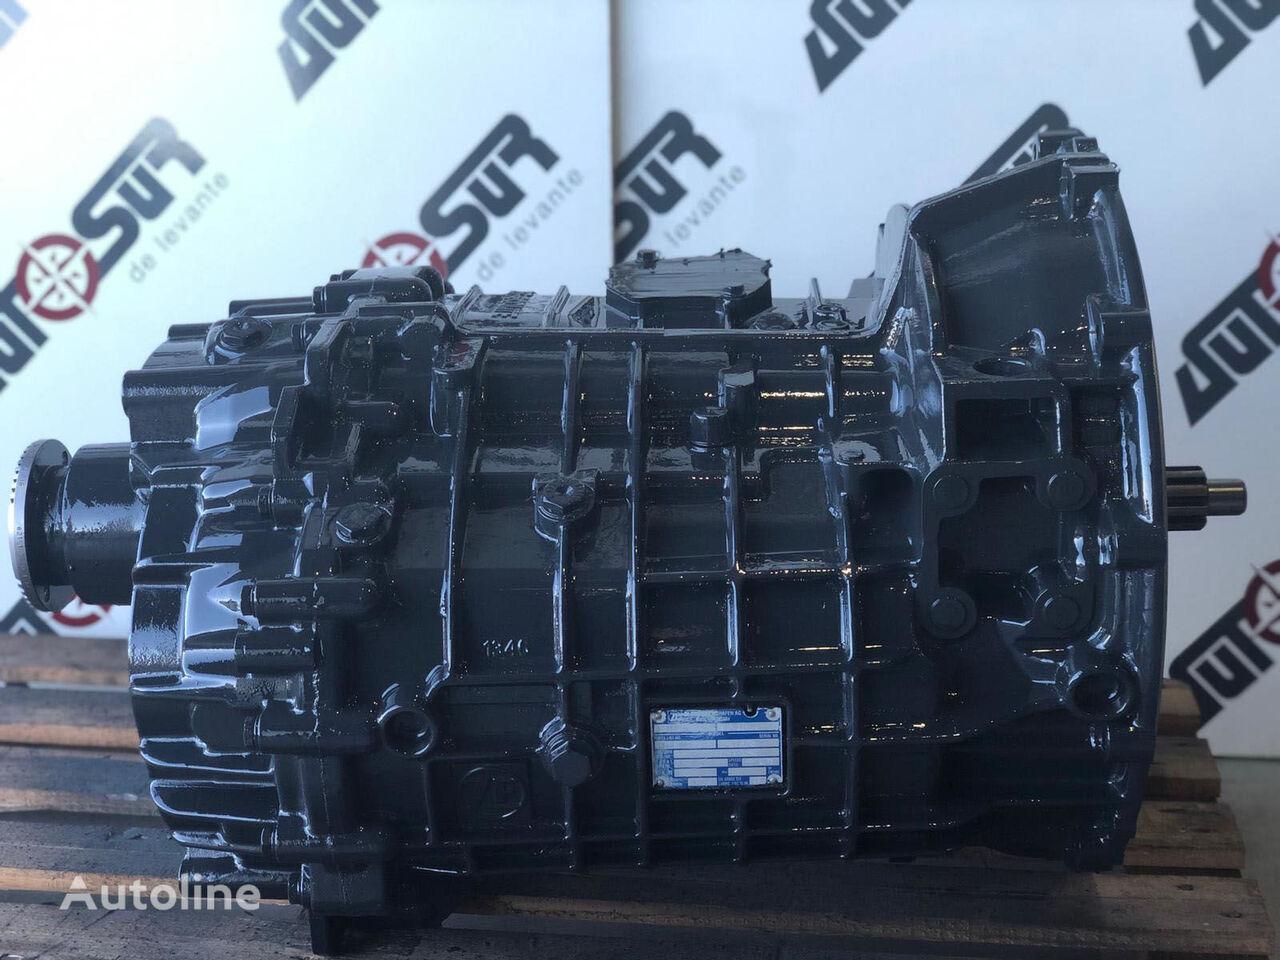 КПП ZF 1346062013 (7421117210) для грузовика